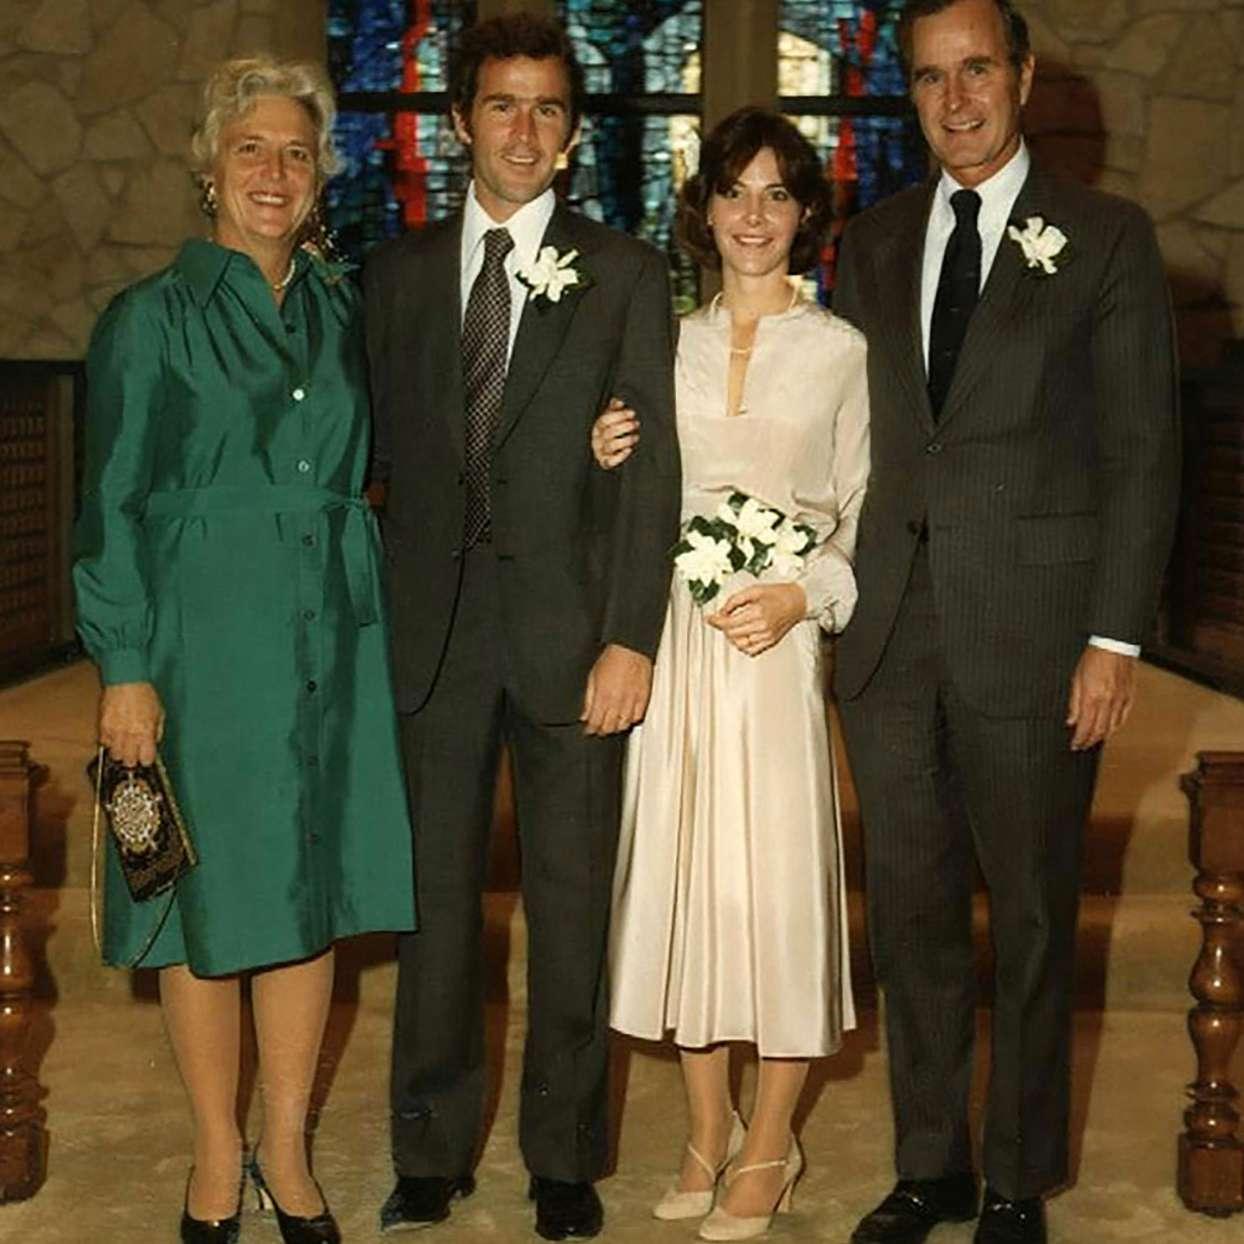 George W. Bush and Laura Wedding